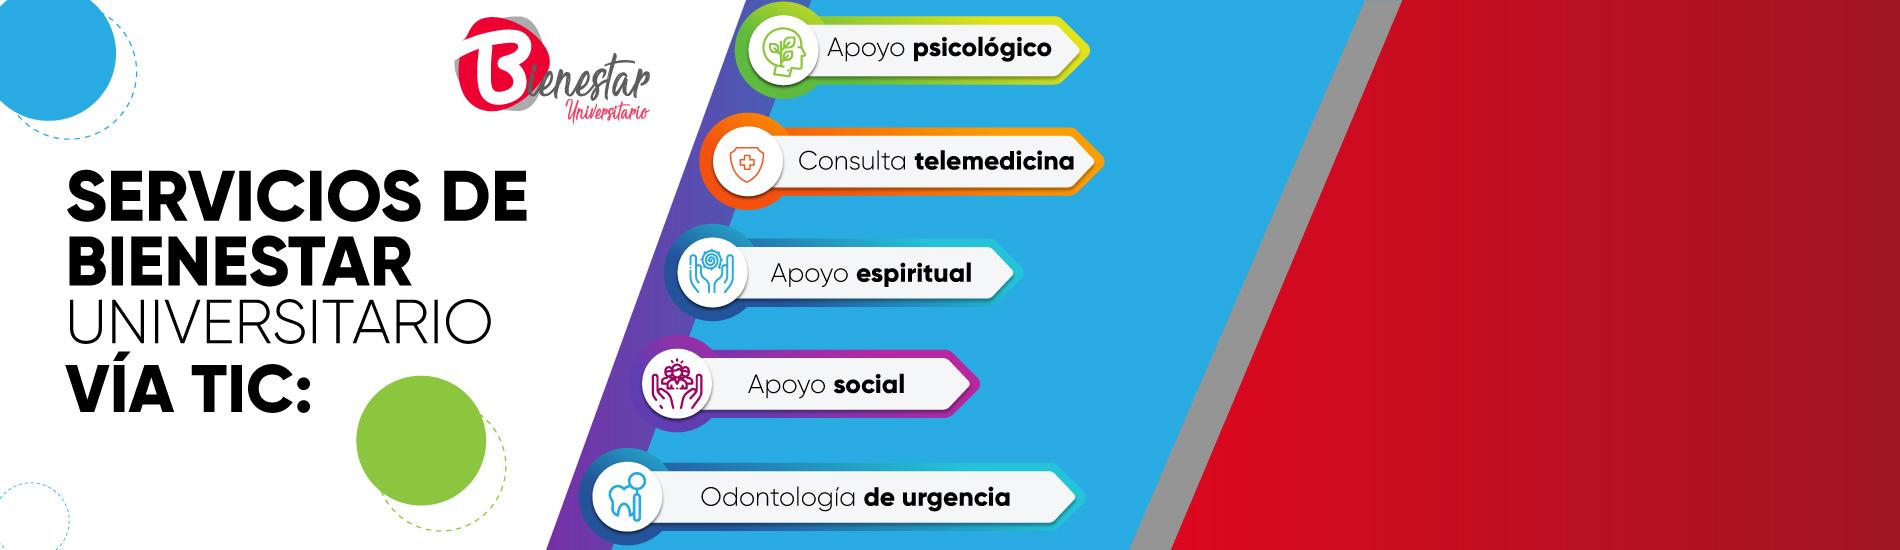 Bienestar Universitario adelanta servicios Online para enfrentar la cuarentena en casa